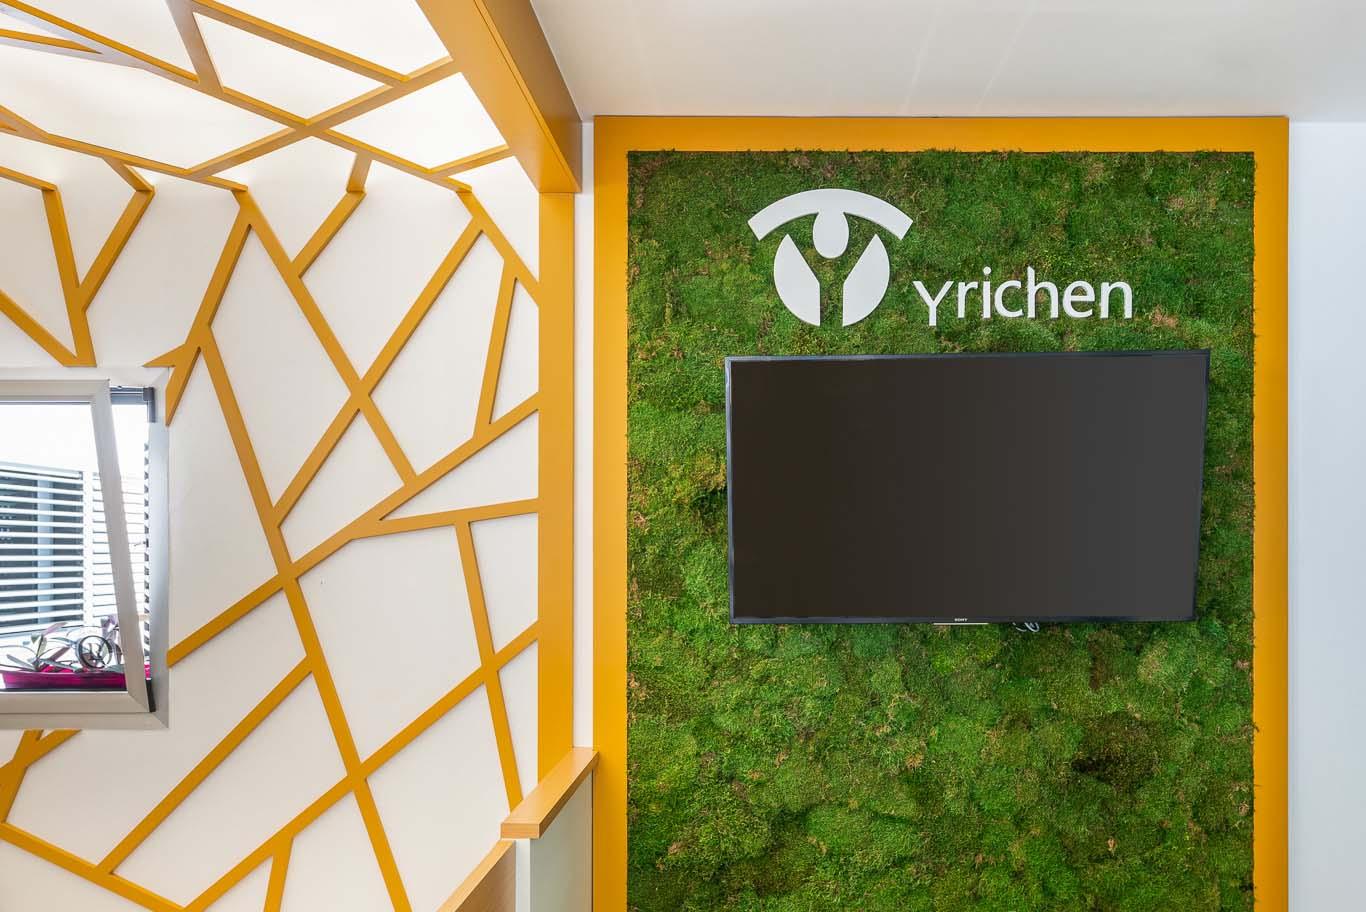 Jardín Vertical Yrichen